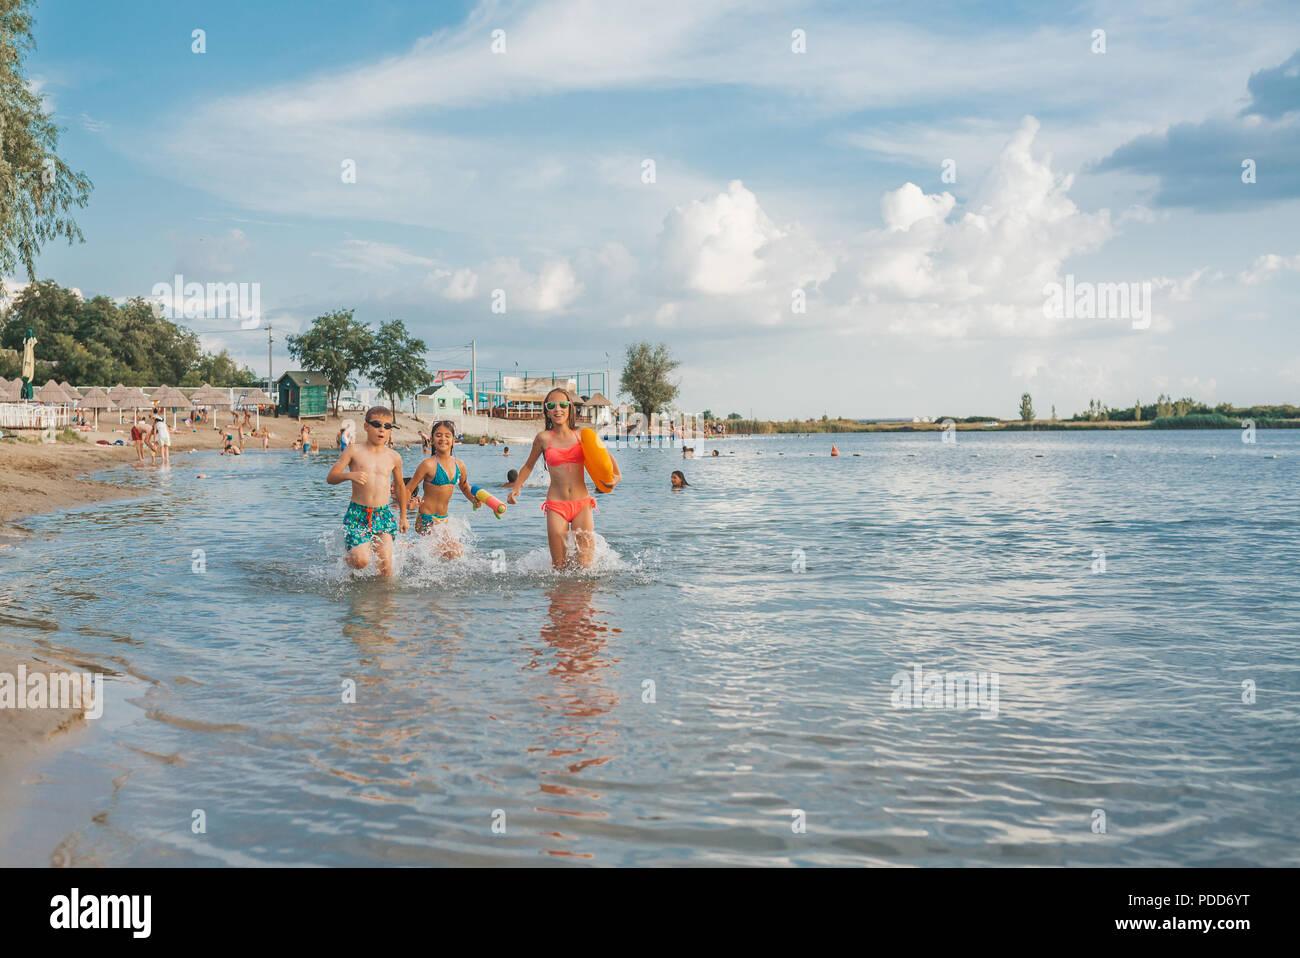 Felice poco gioiosa dei bambini che giocano in mare, con piacere gli spruzzi di acqua e di godersi le vacanze estive sul beach resort, viaggi e turismo c Immagini Stock